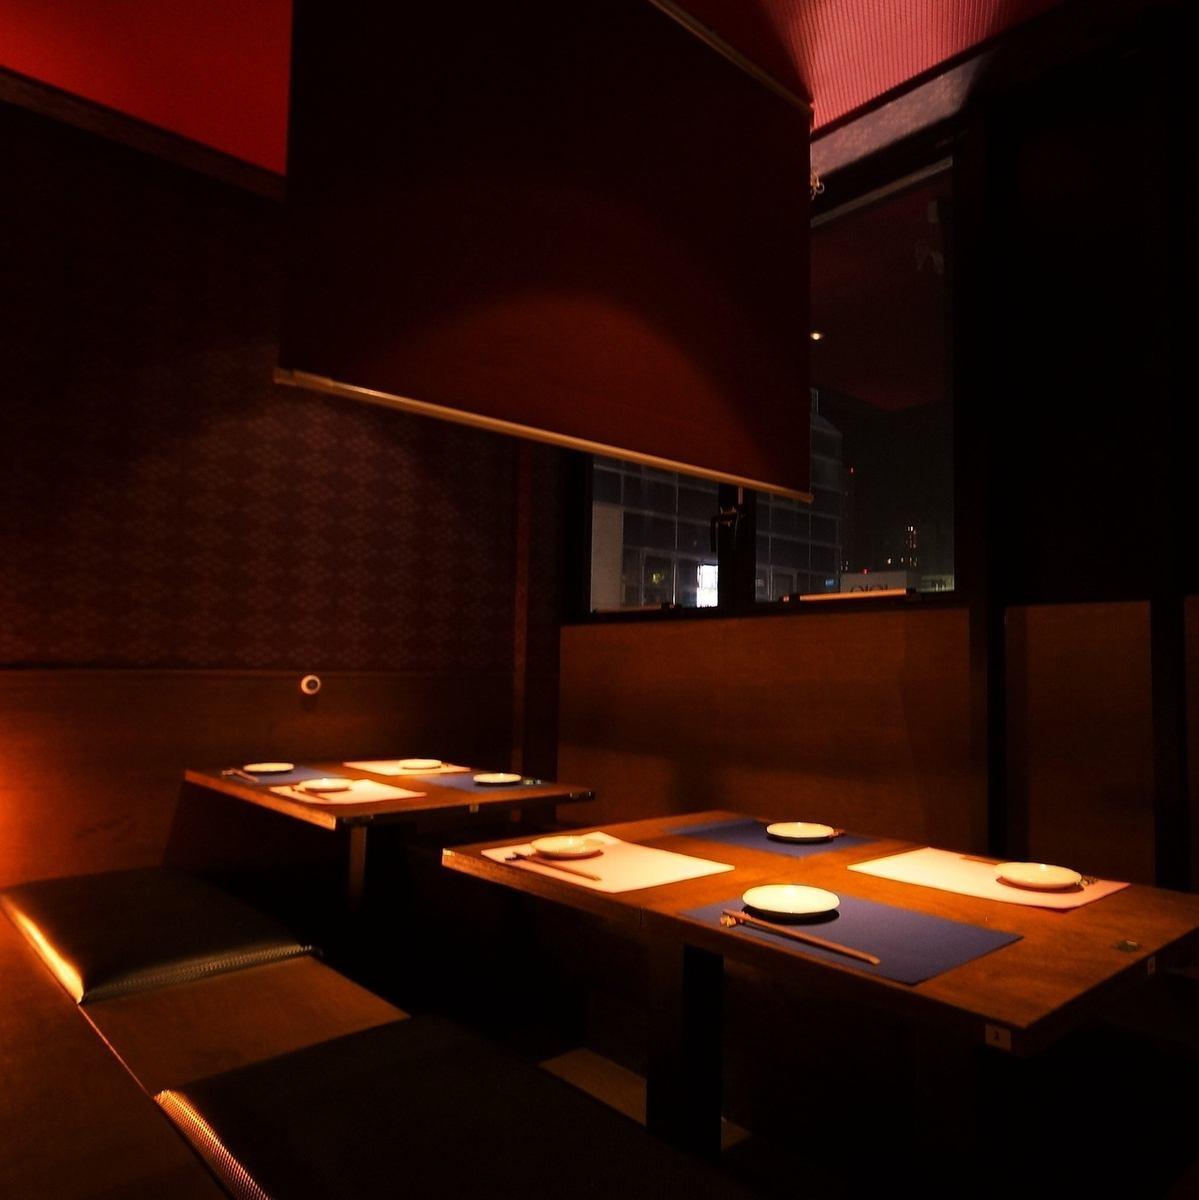 三宫·在私人房间里吃喝2780日元〜!吃喝特优的居酒屋这么便宜又好吃♪